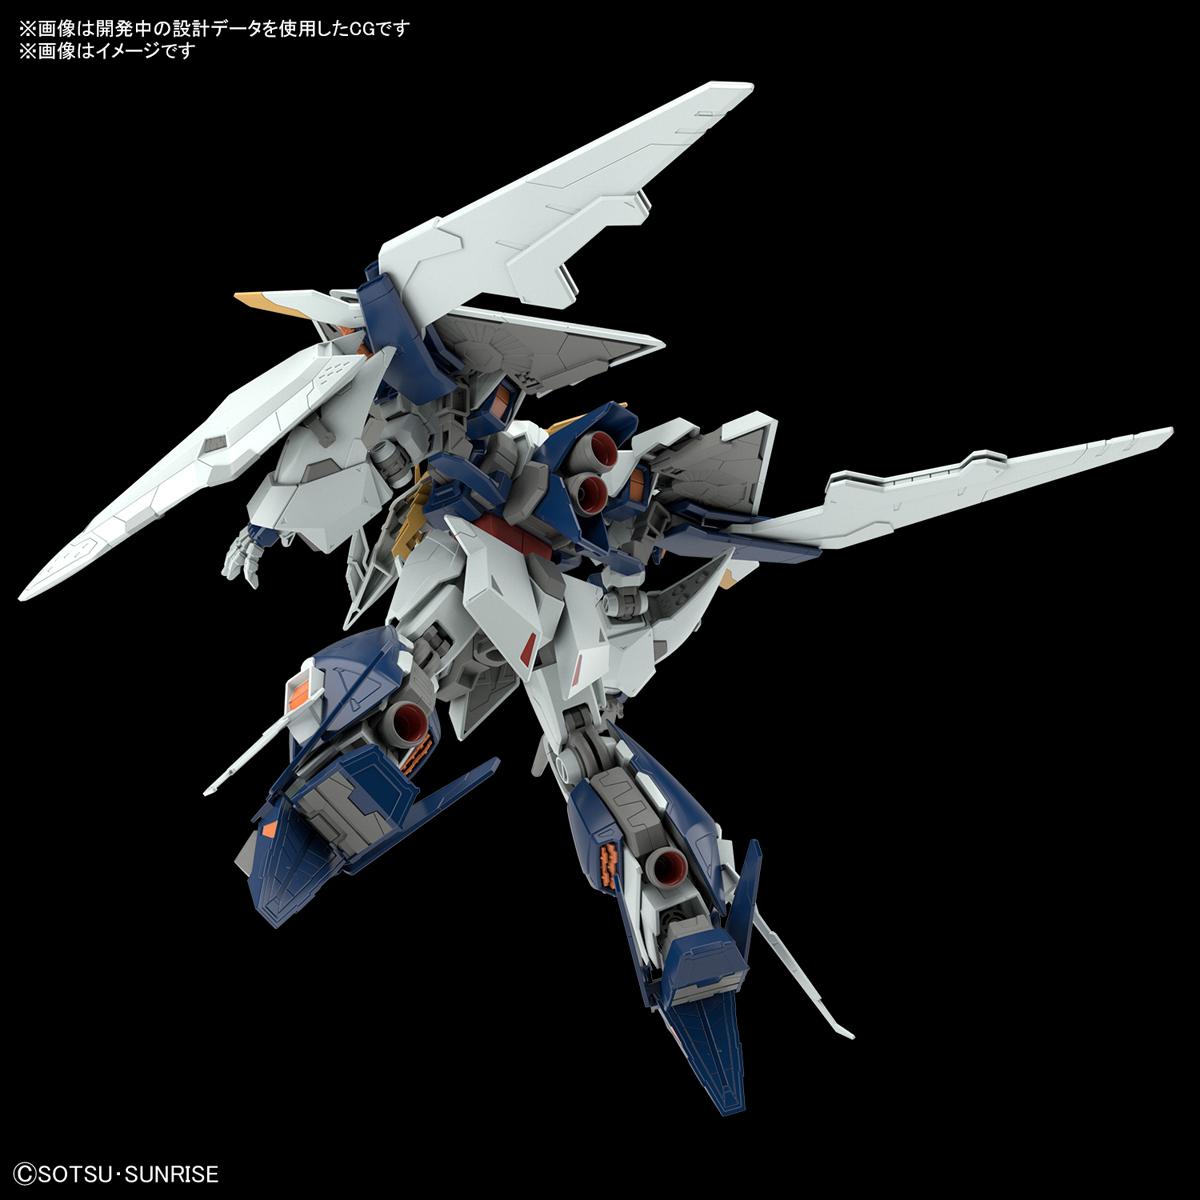 HGUC 1/144『Ξガンダム(クスィーガンダム)』機動戦士ガンダム 閃光のハサウェイ プラモデル-005